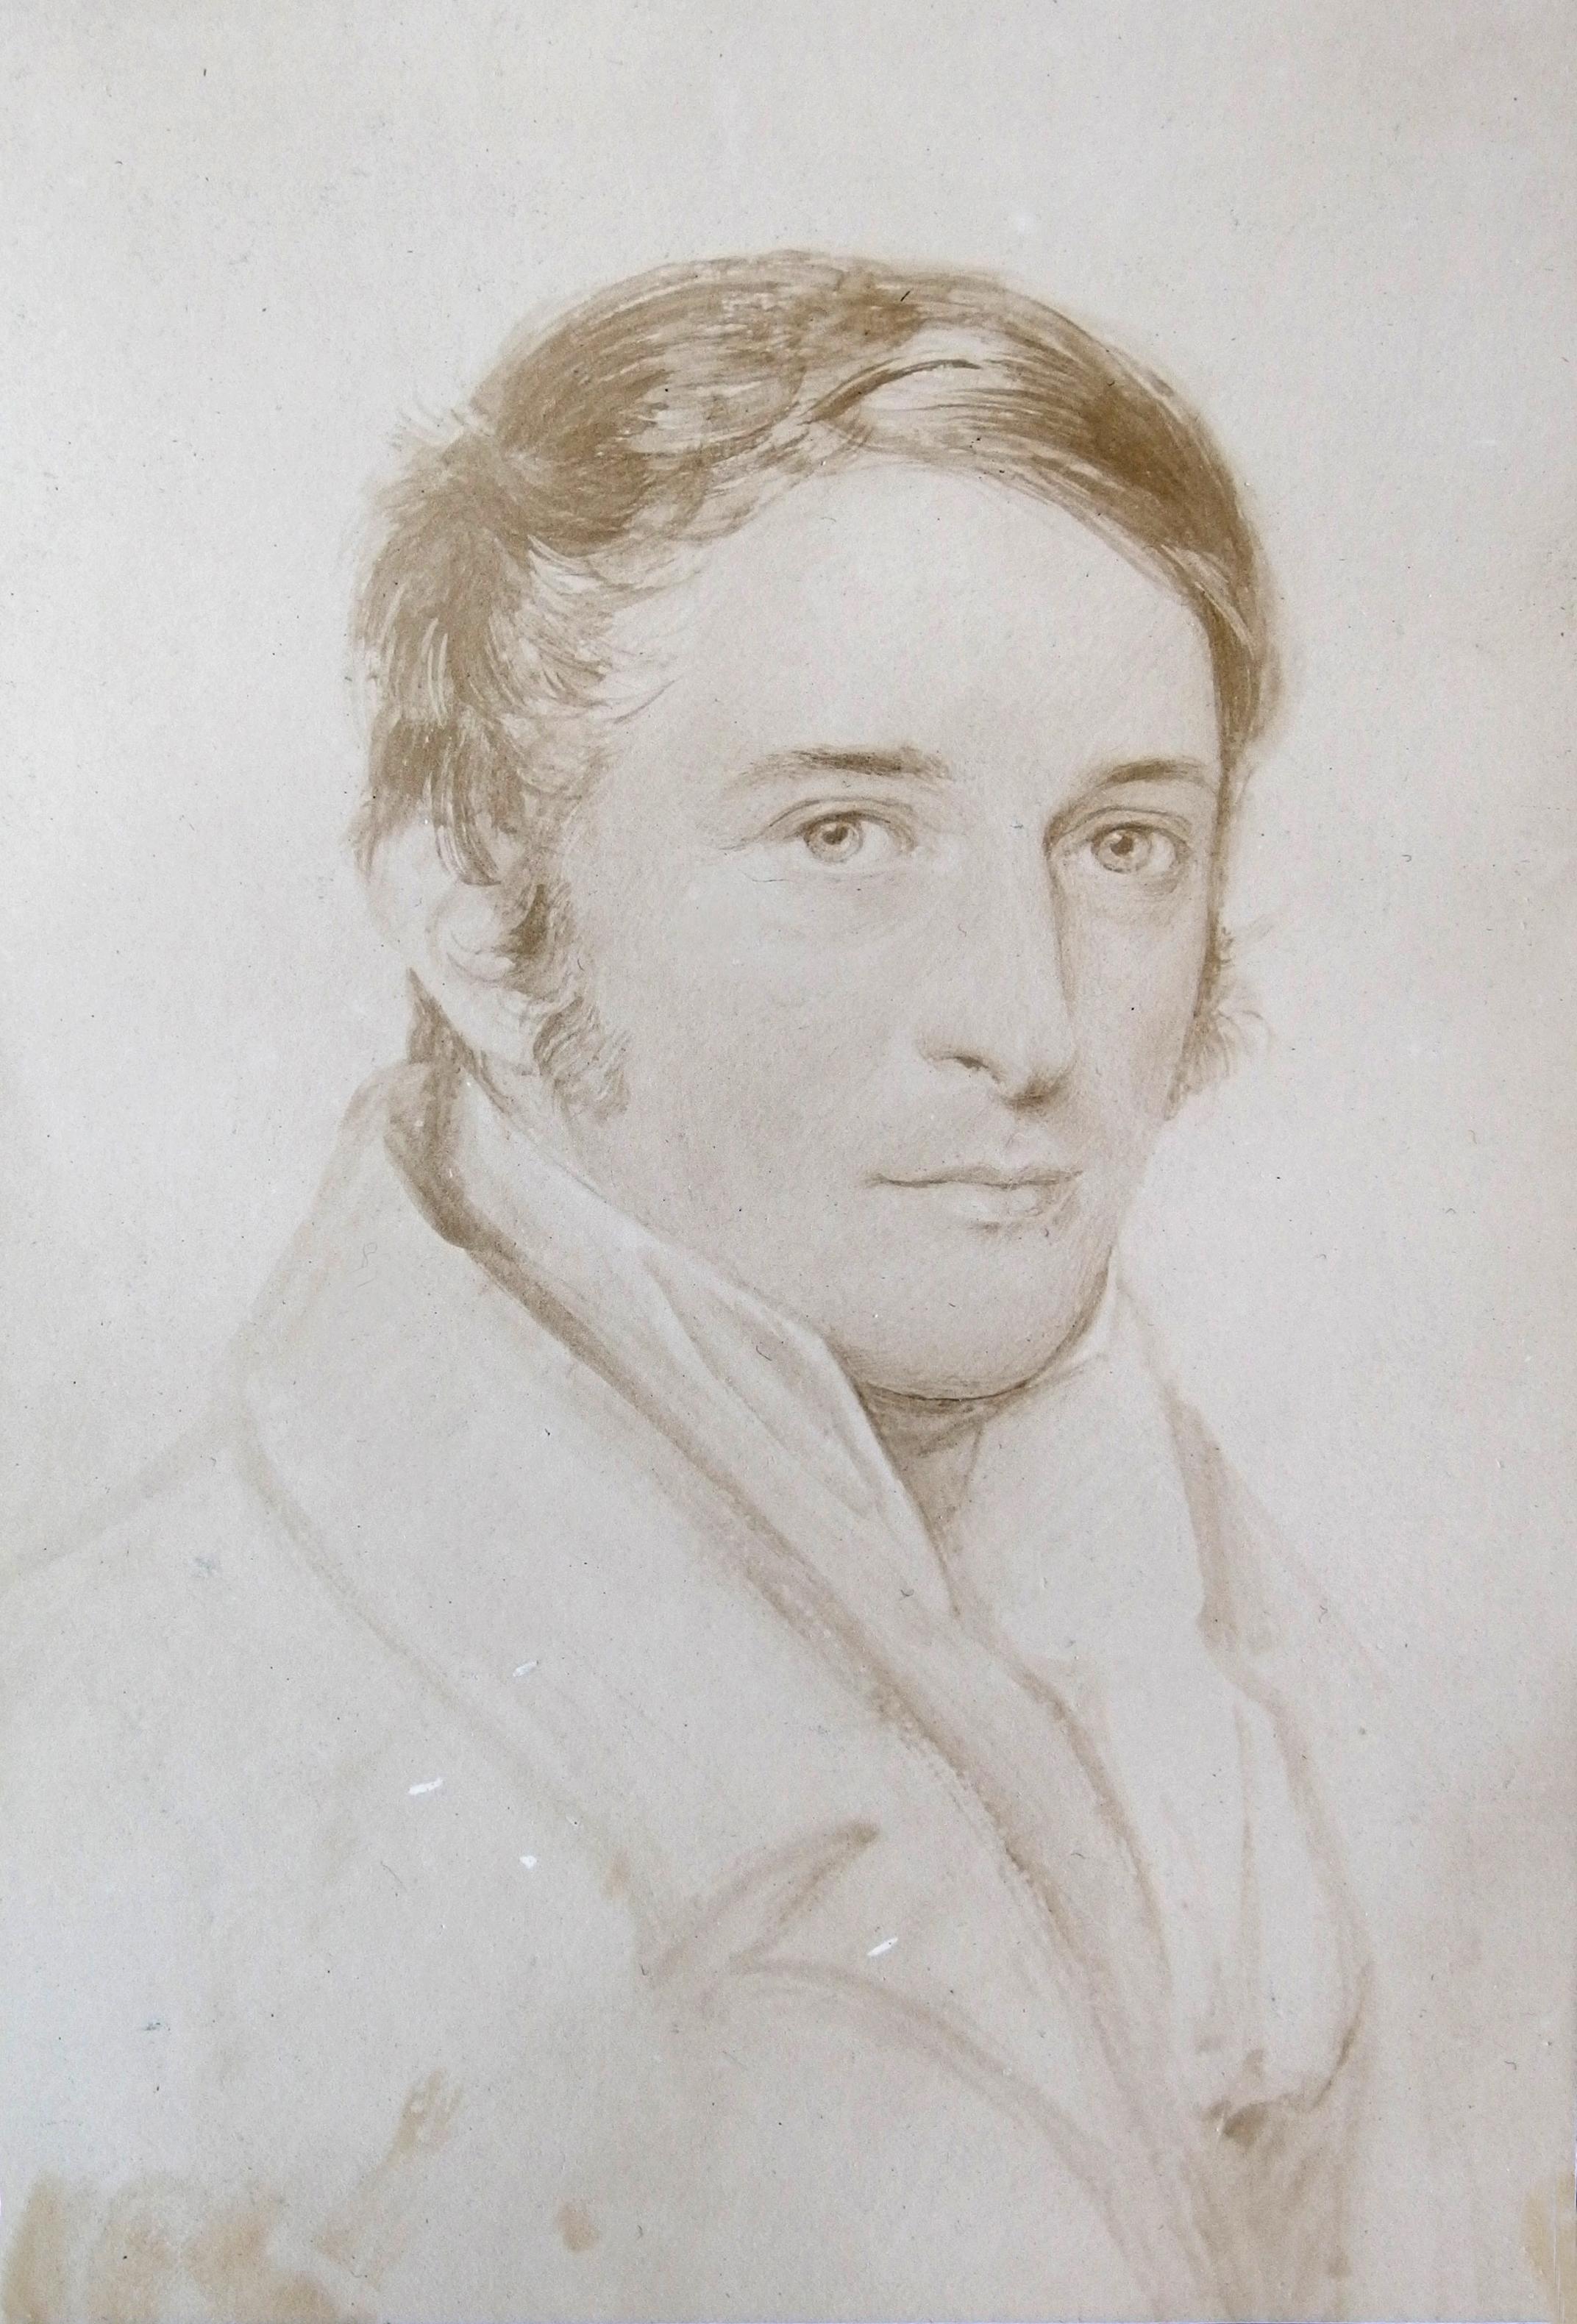 https://upload.wikimedia.org/wikipedia/commons/4/4b/Professor_von_Martius_%28Carl_Friedrich_Philipp_von_Martius_1794-1868%29%2C_painter_August_Grahl.jpg